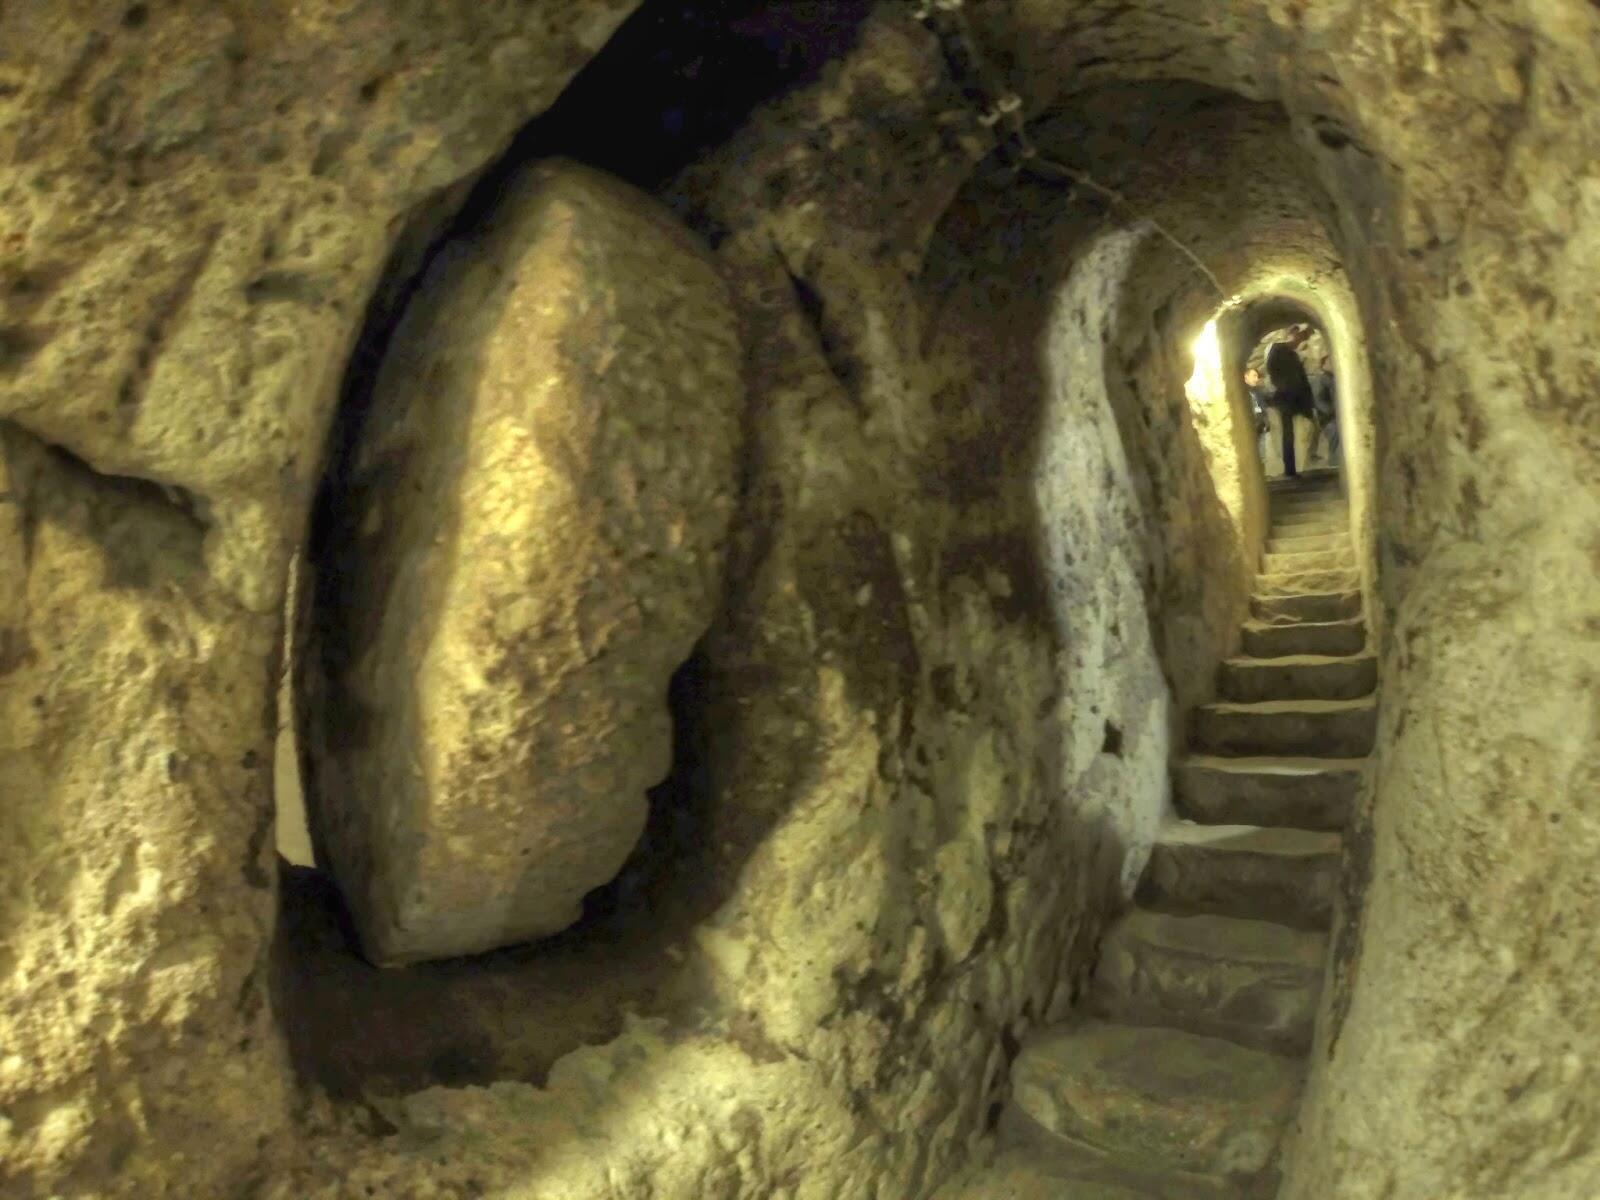 υπόγεια πόλη στην Καππαδοκία